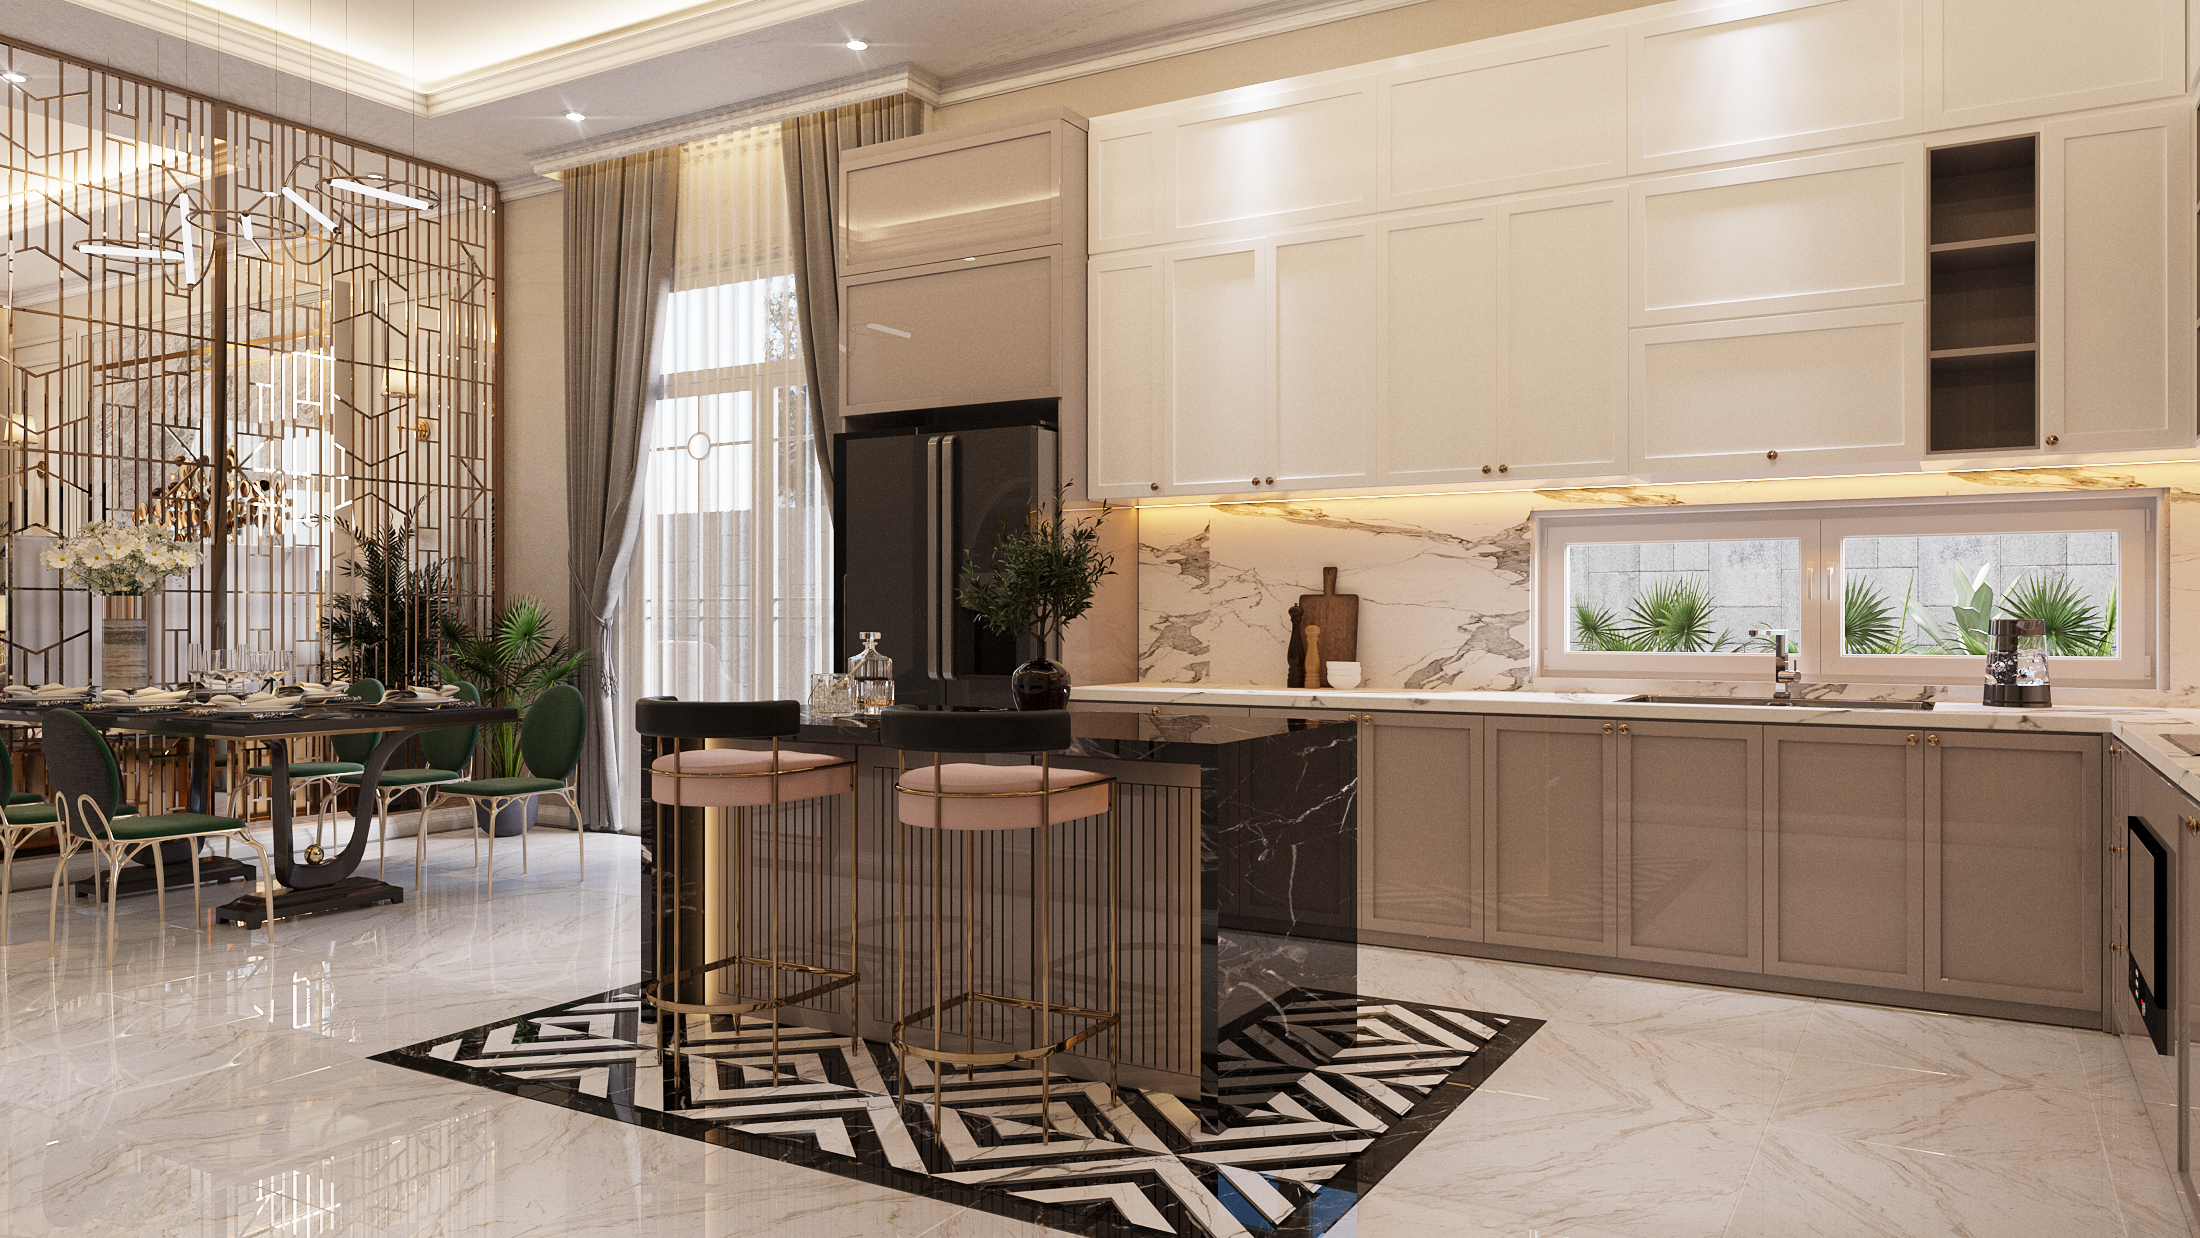 Thiết kế nội thất Biệt Thự tại Hồ Chí Minh NEO- CLASSICAL 1620877407 4